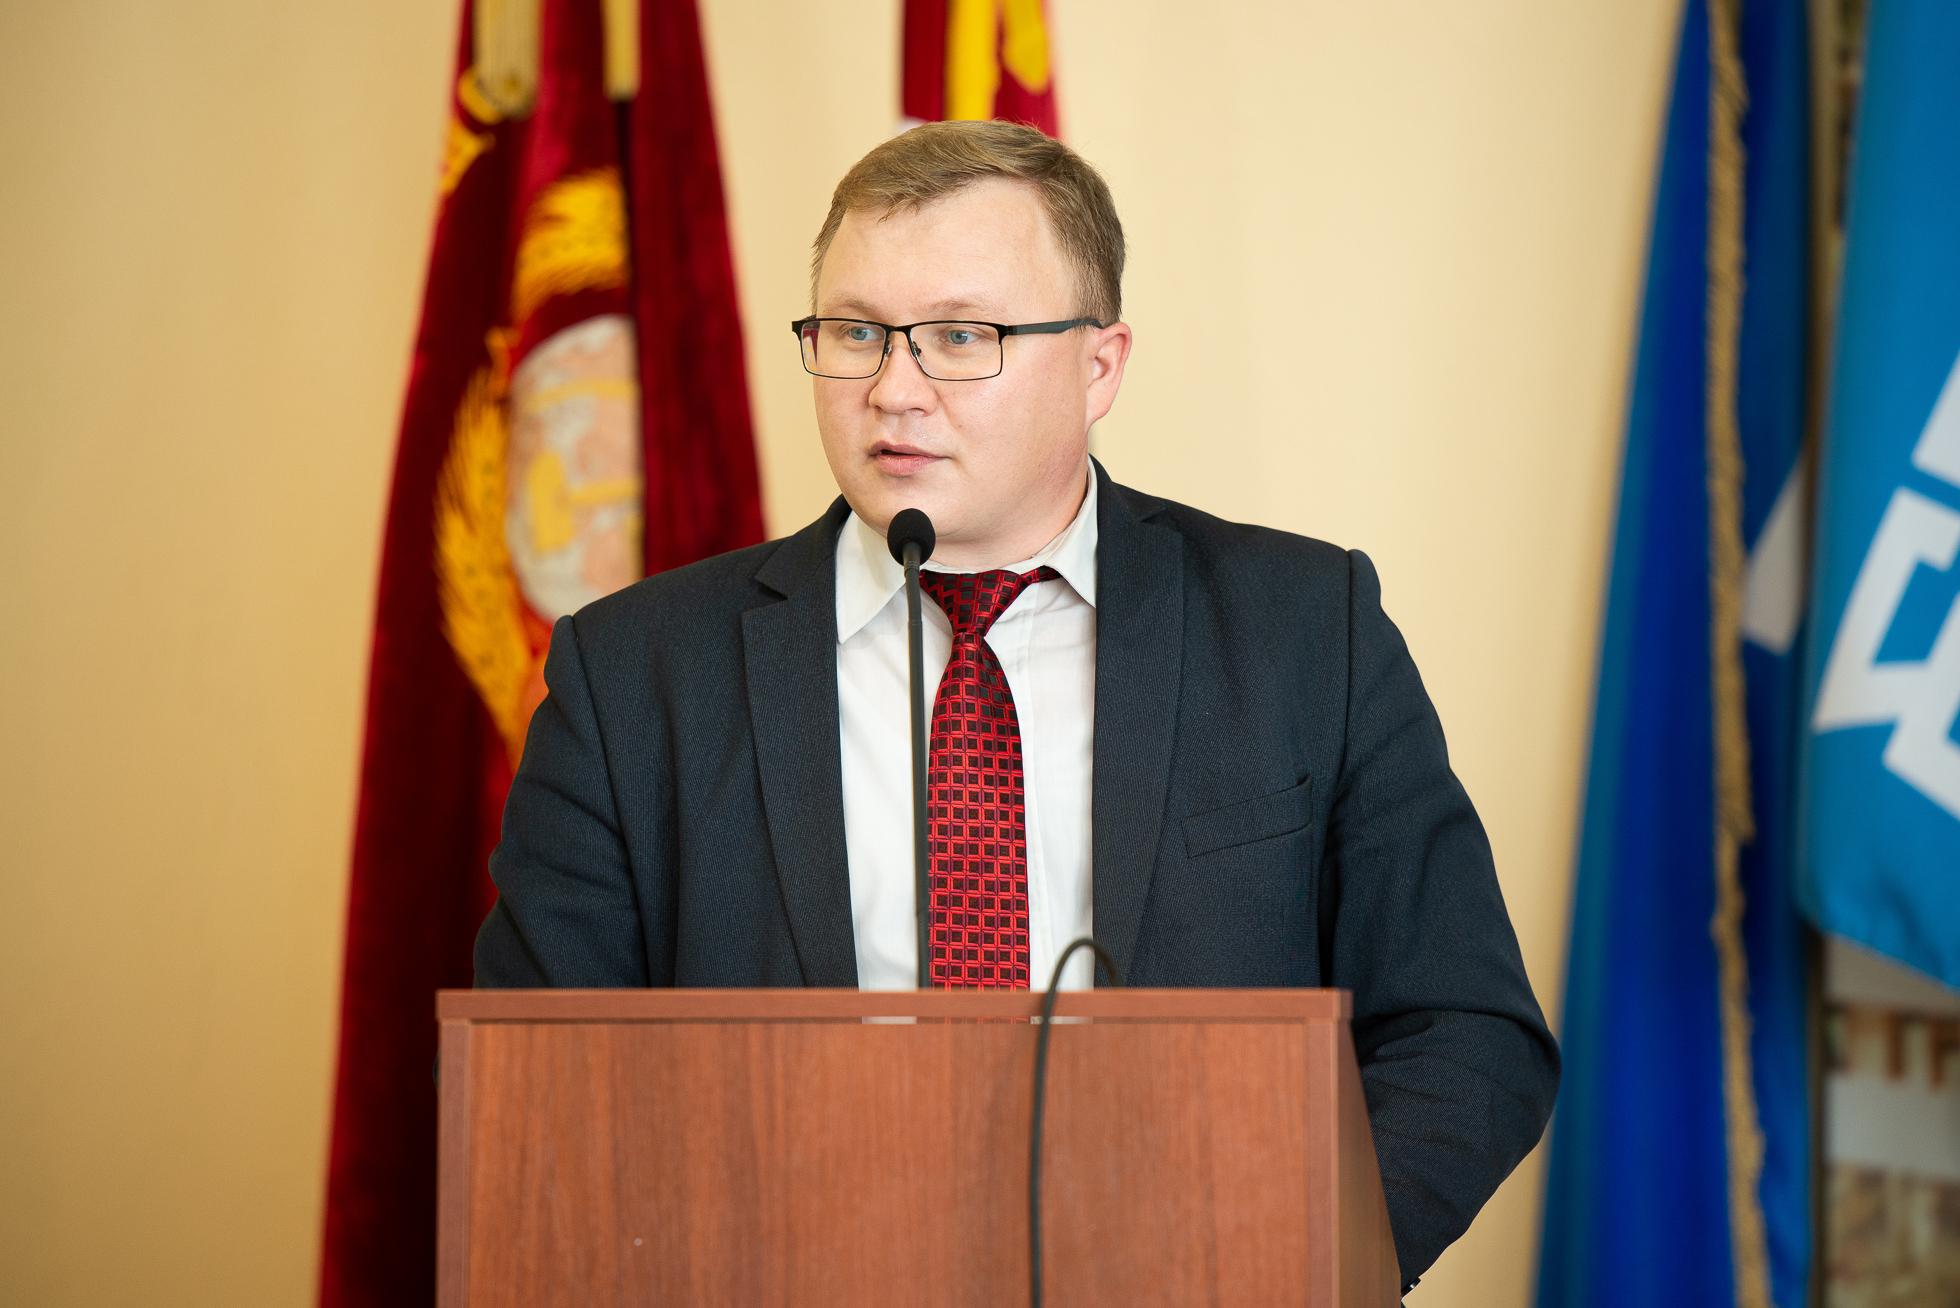 Технический директор АО «КУЛЗ» Павел Мещерягин